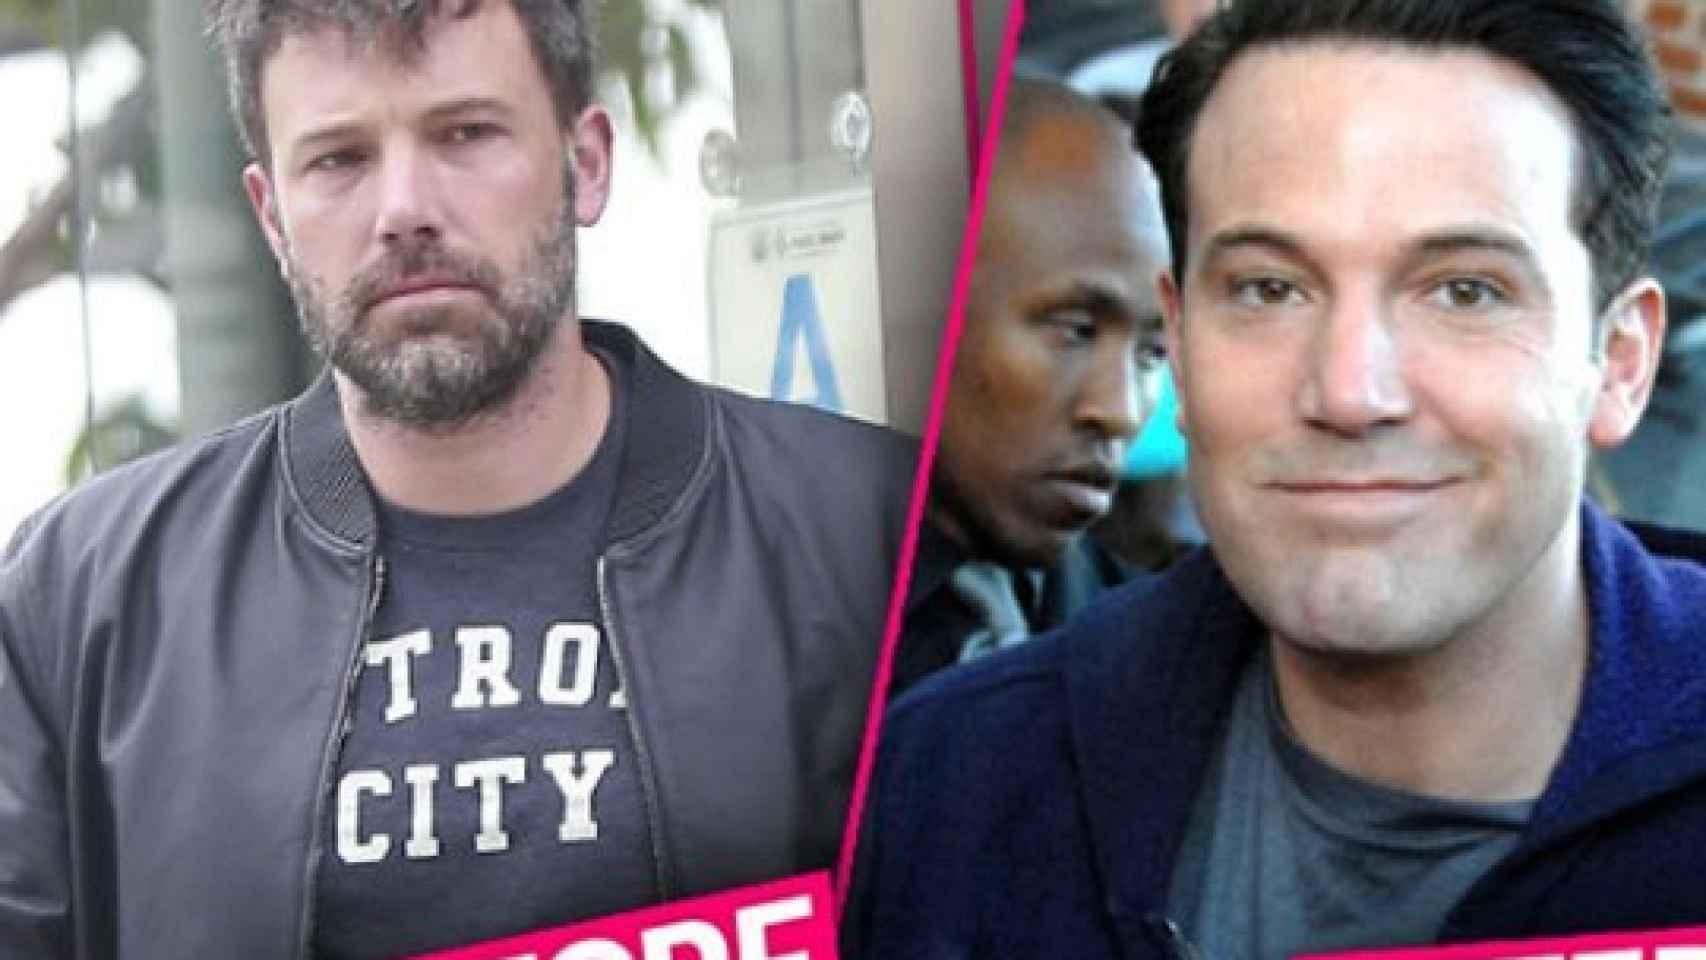 Imágenes del resultado del actor publicadas por Radar Online